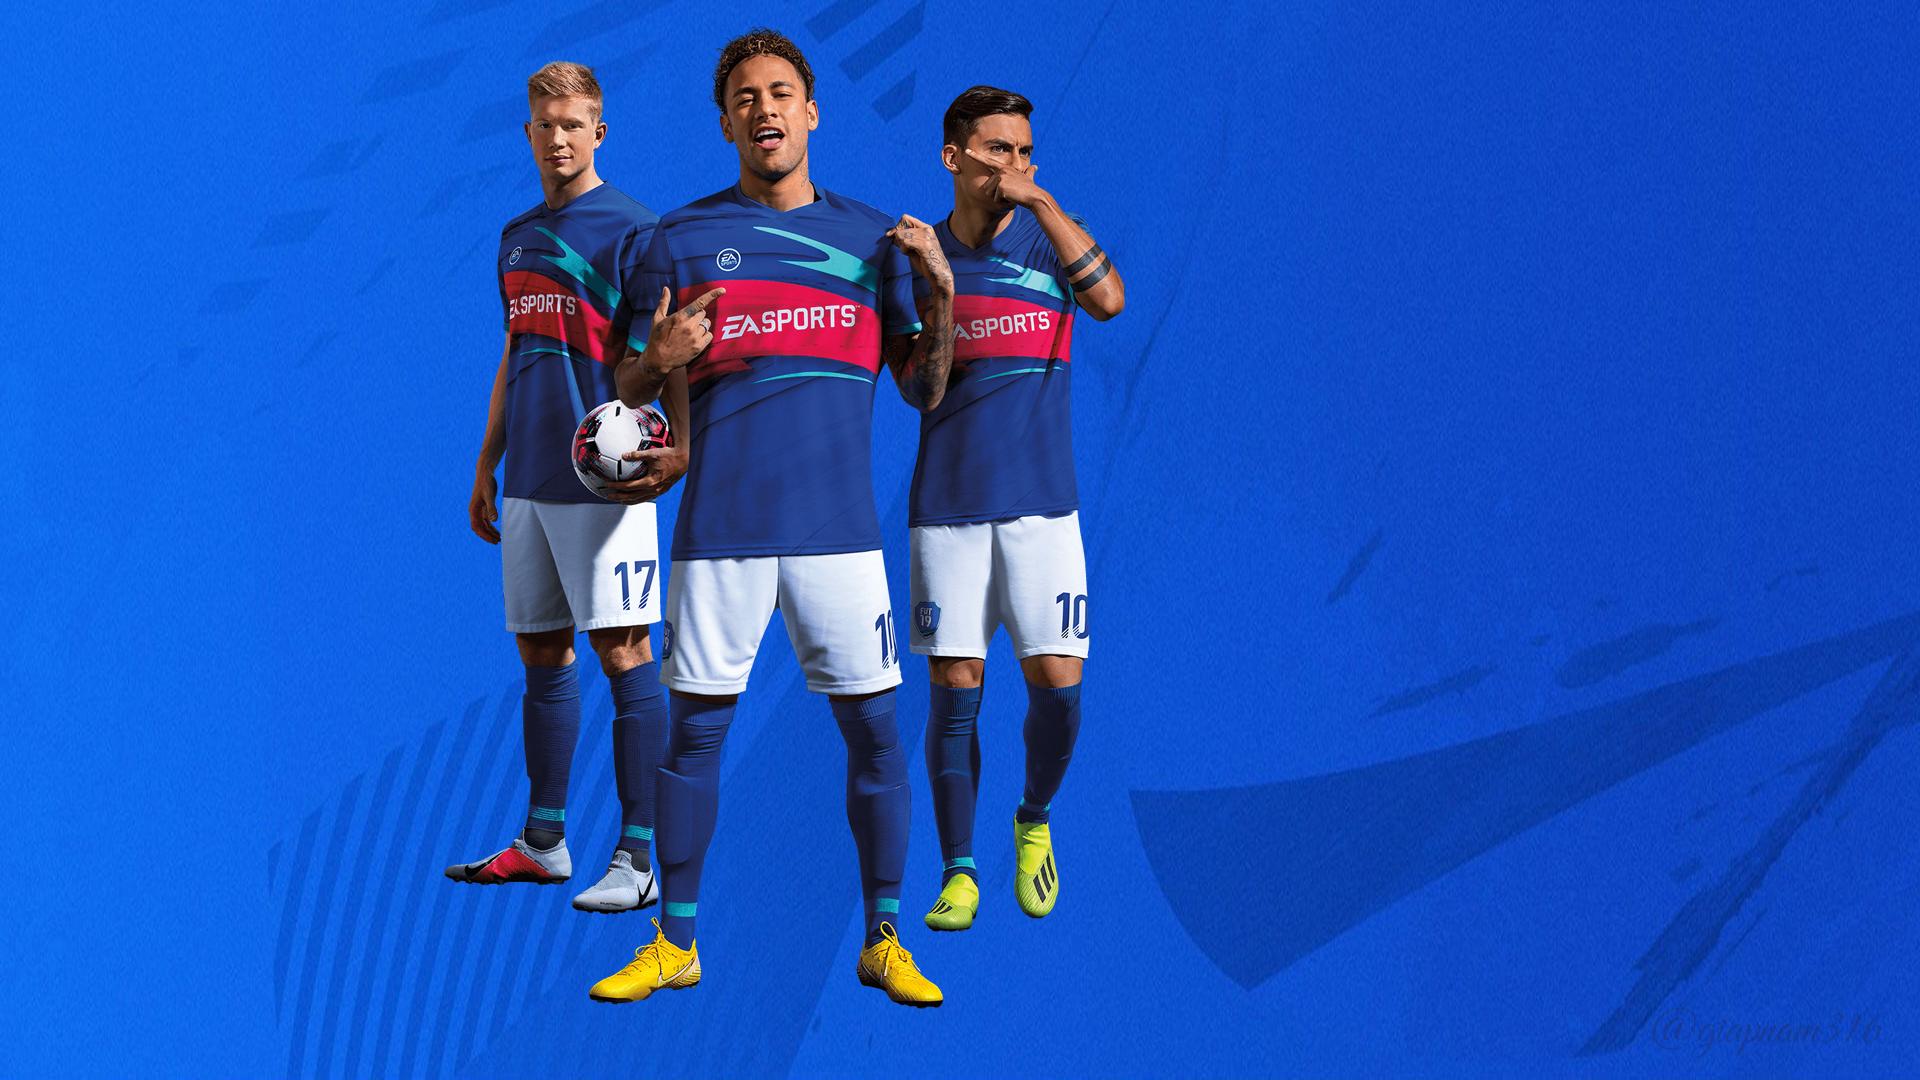 Wallpaper : FIFA Online 4, Neymar, Kevin de Bruyne, Paulo ...